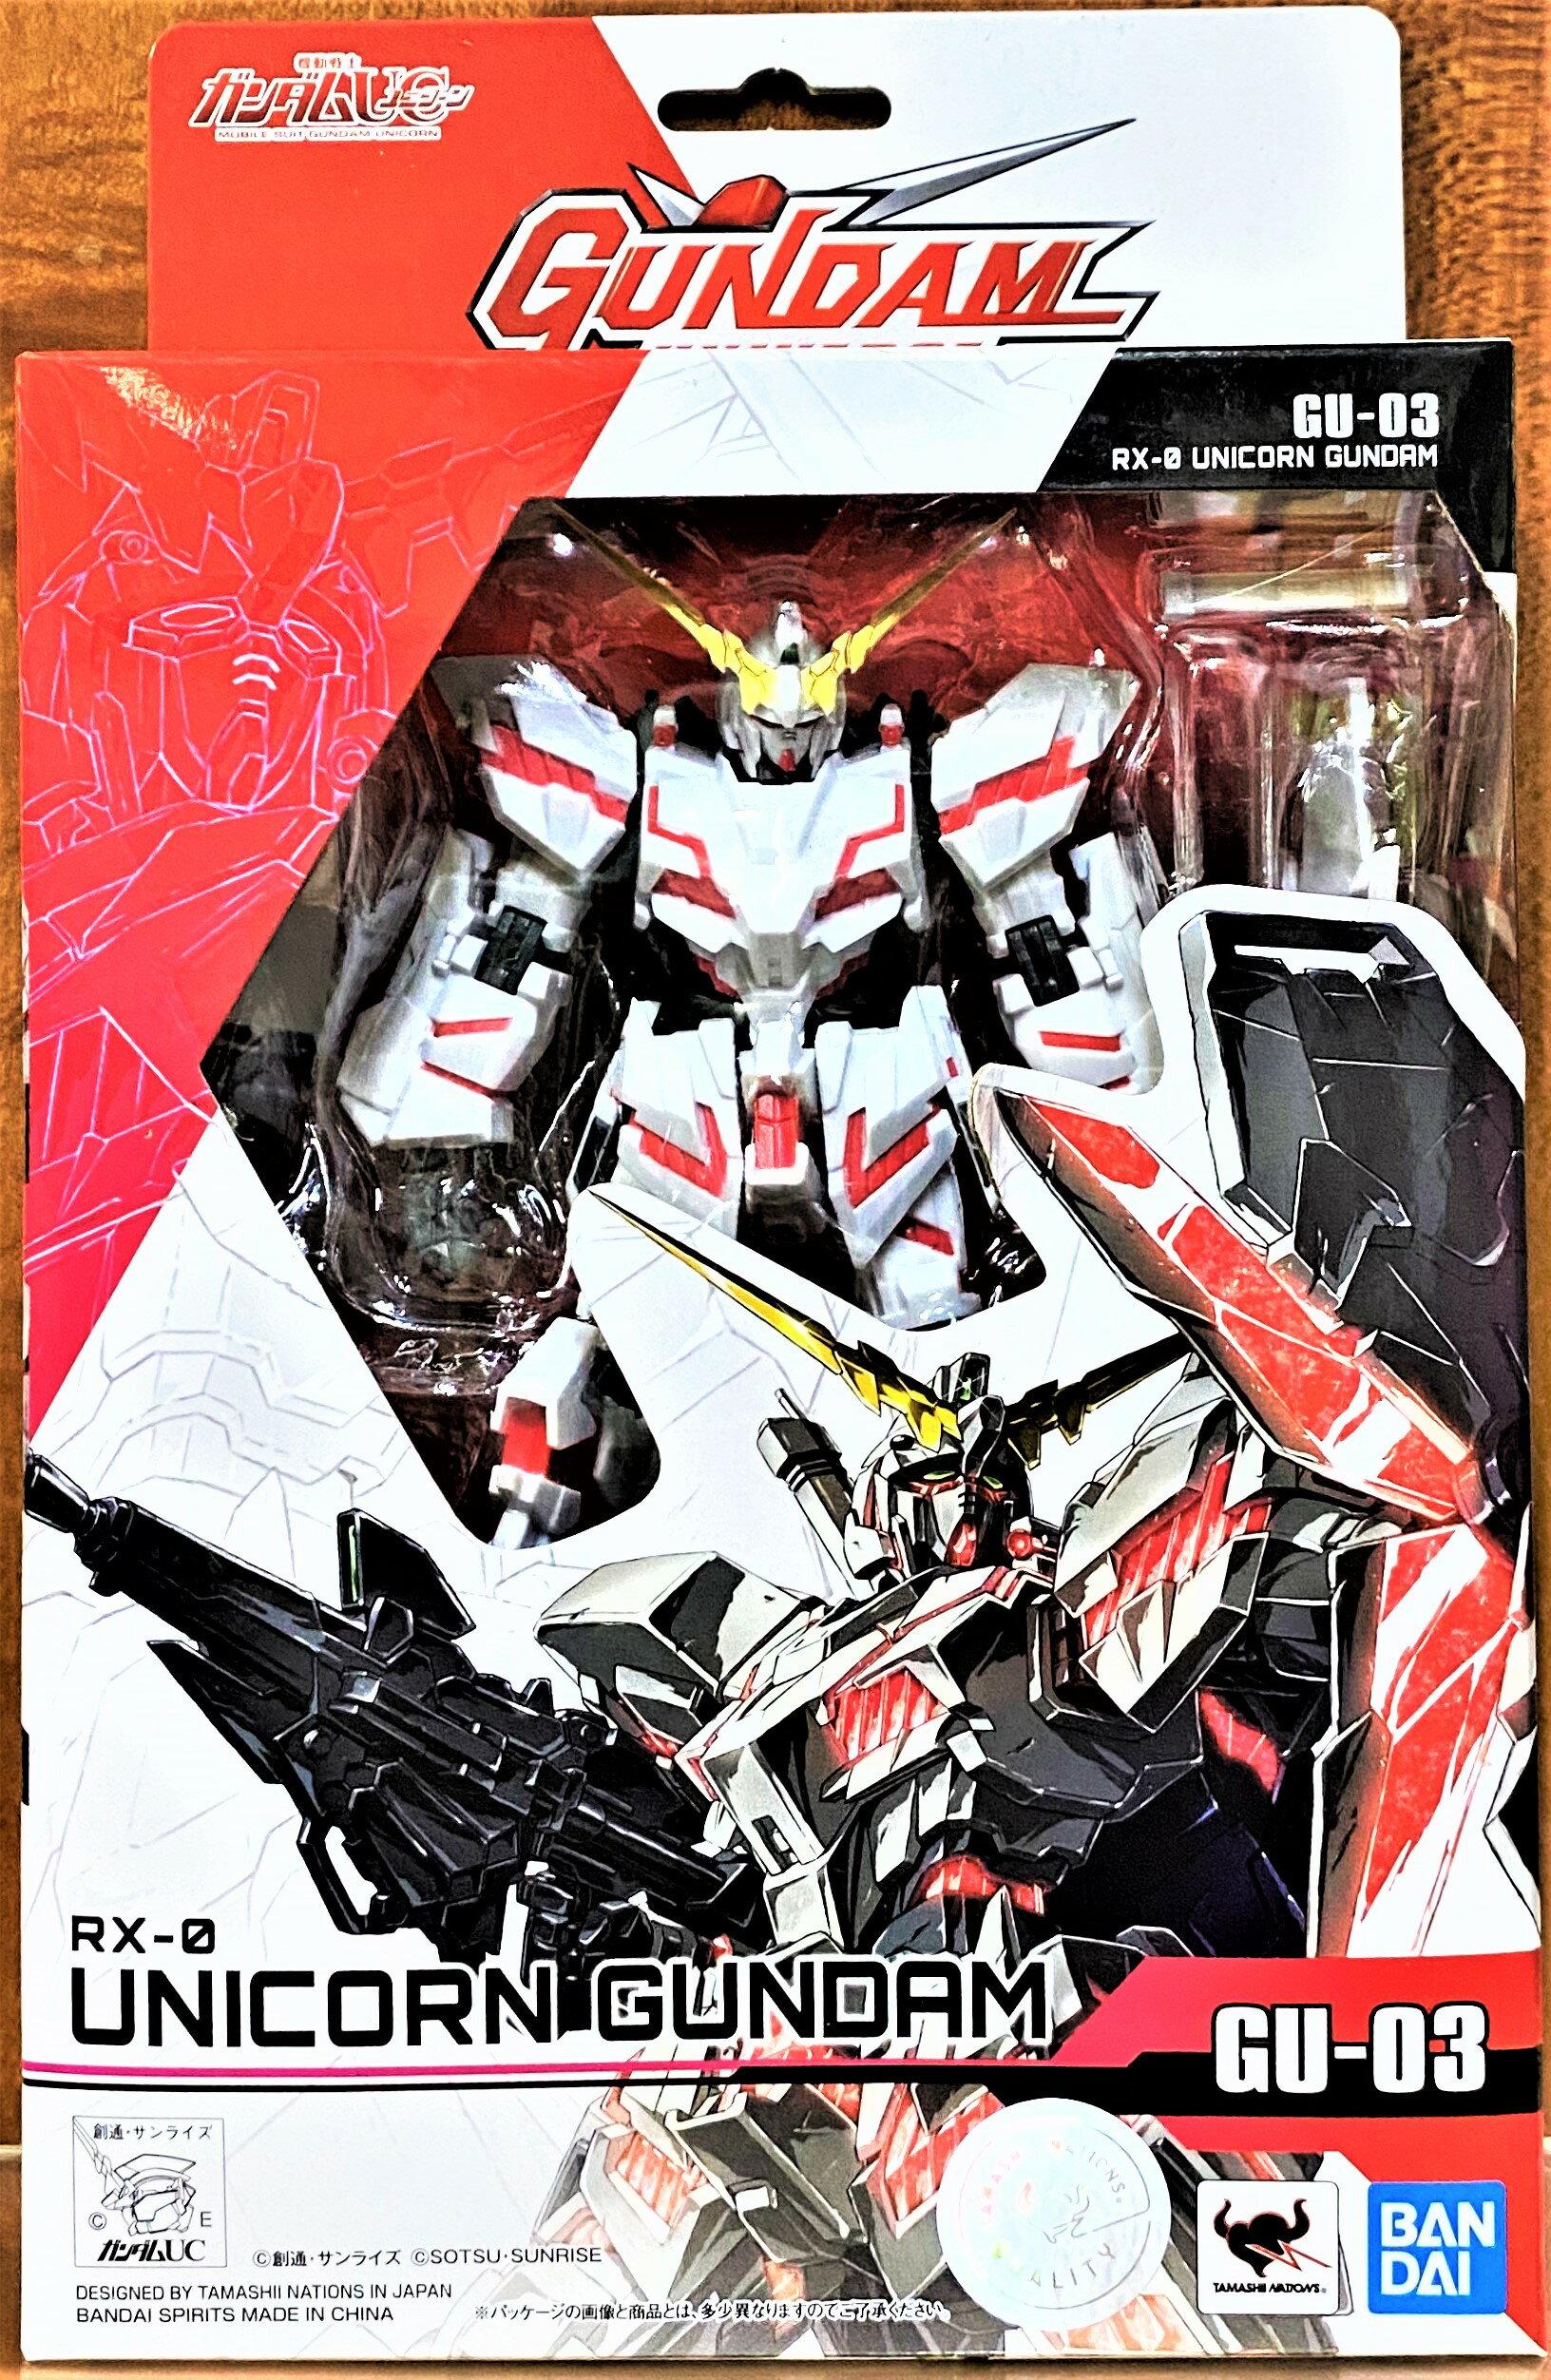 ☆勳寶玩具舖【現貨】萬代 BANDAI 機動戰士鋼彈 UNIVERSE GU-03 獨角獸鋼彈 UNICORN GUNDAM